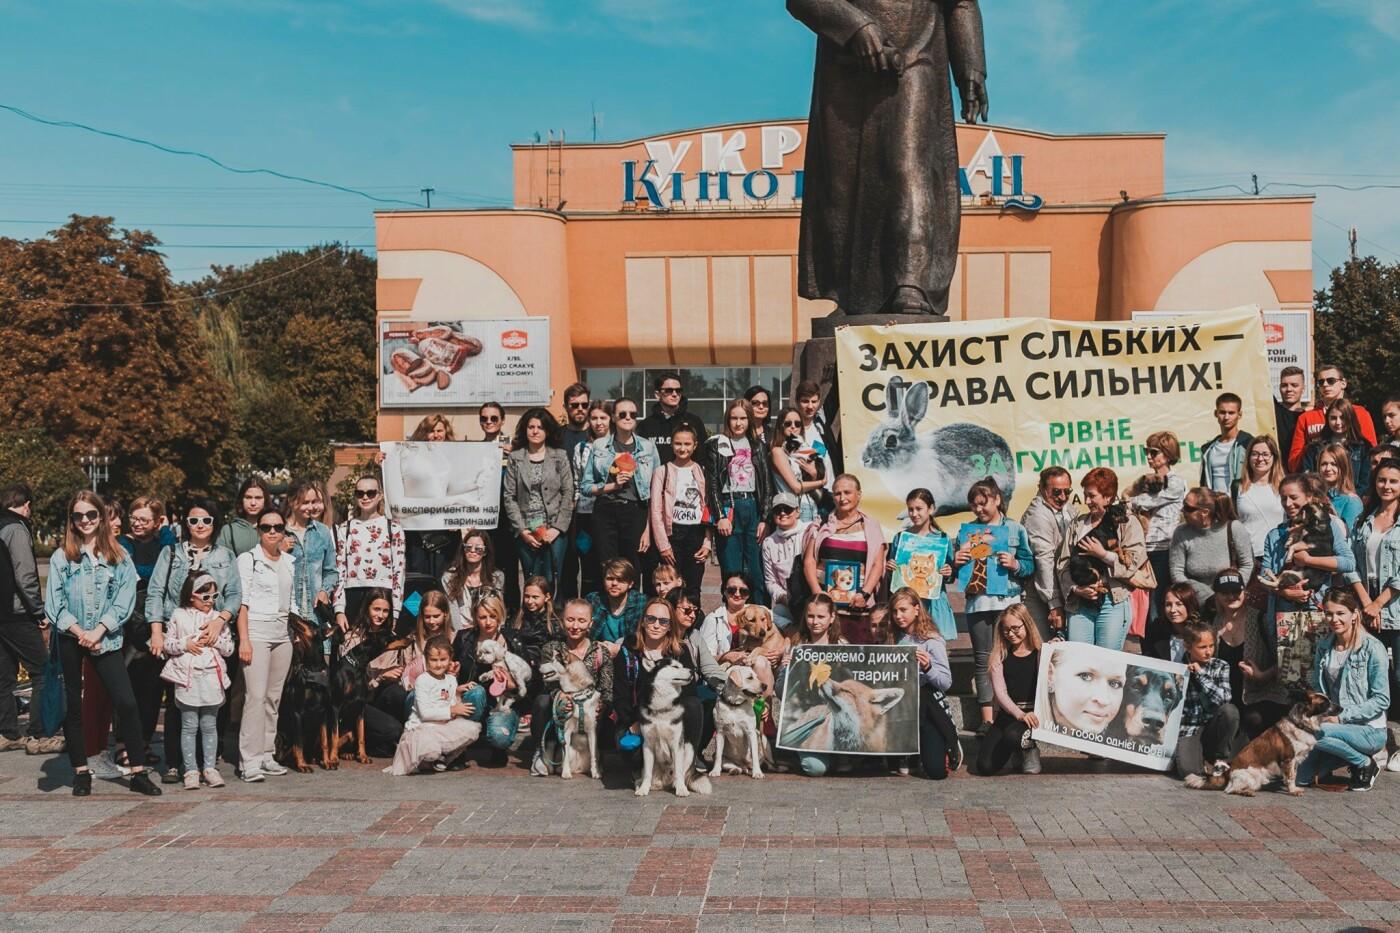 Разом з дітьми та домашніми улюбленцями: у Рівному пройшов Всеукраїнський марш за тварин (ФОТО), фото-18